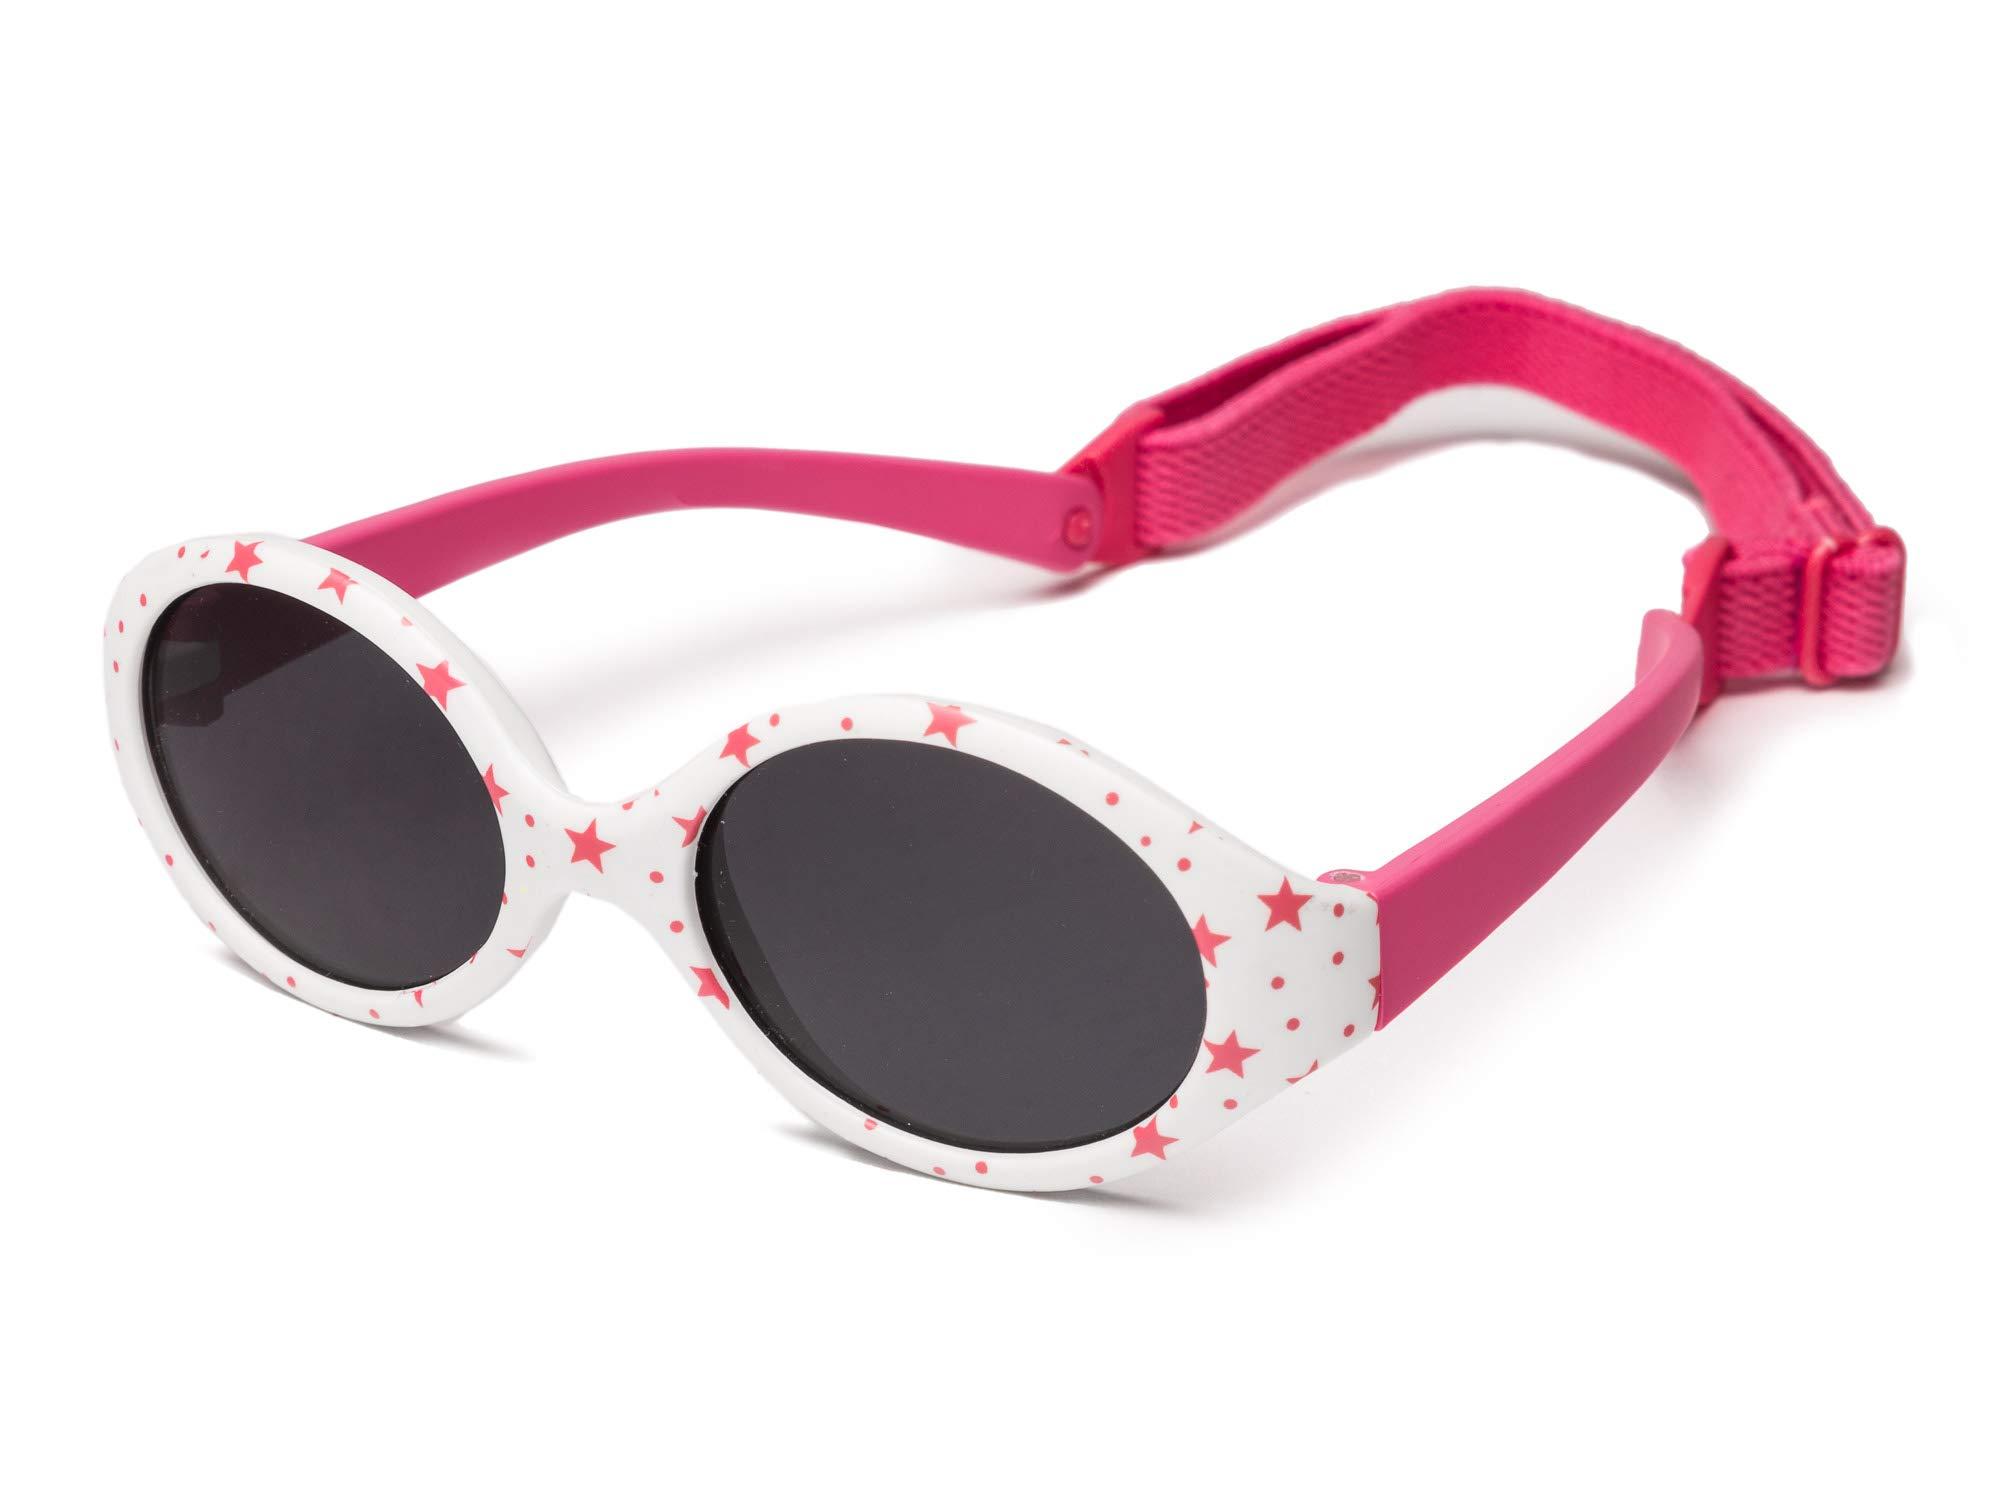 Kiddus Gafas de sol POLARIZADAS bebe para niños y niñas a partir de 6 meses. SUPER FLEXIBLES. Protección solar UV400… 1